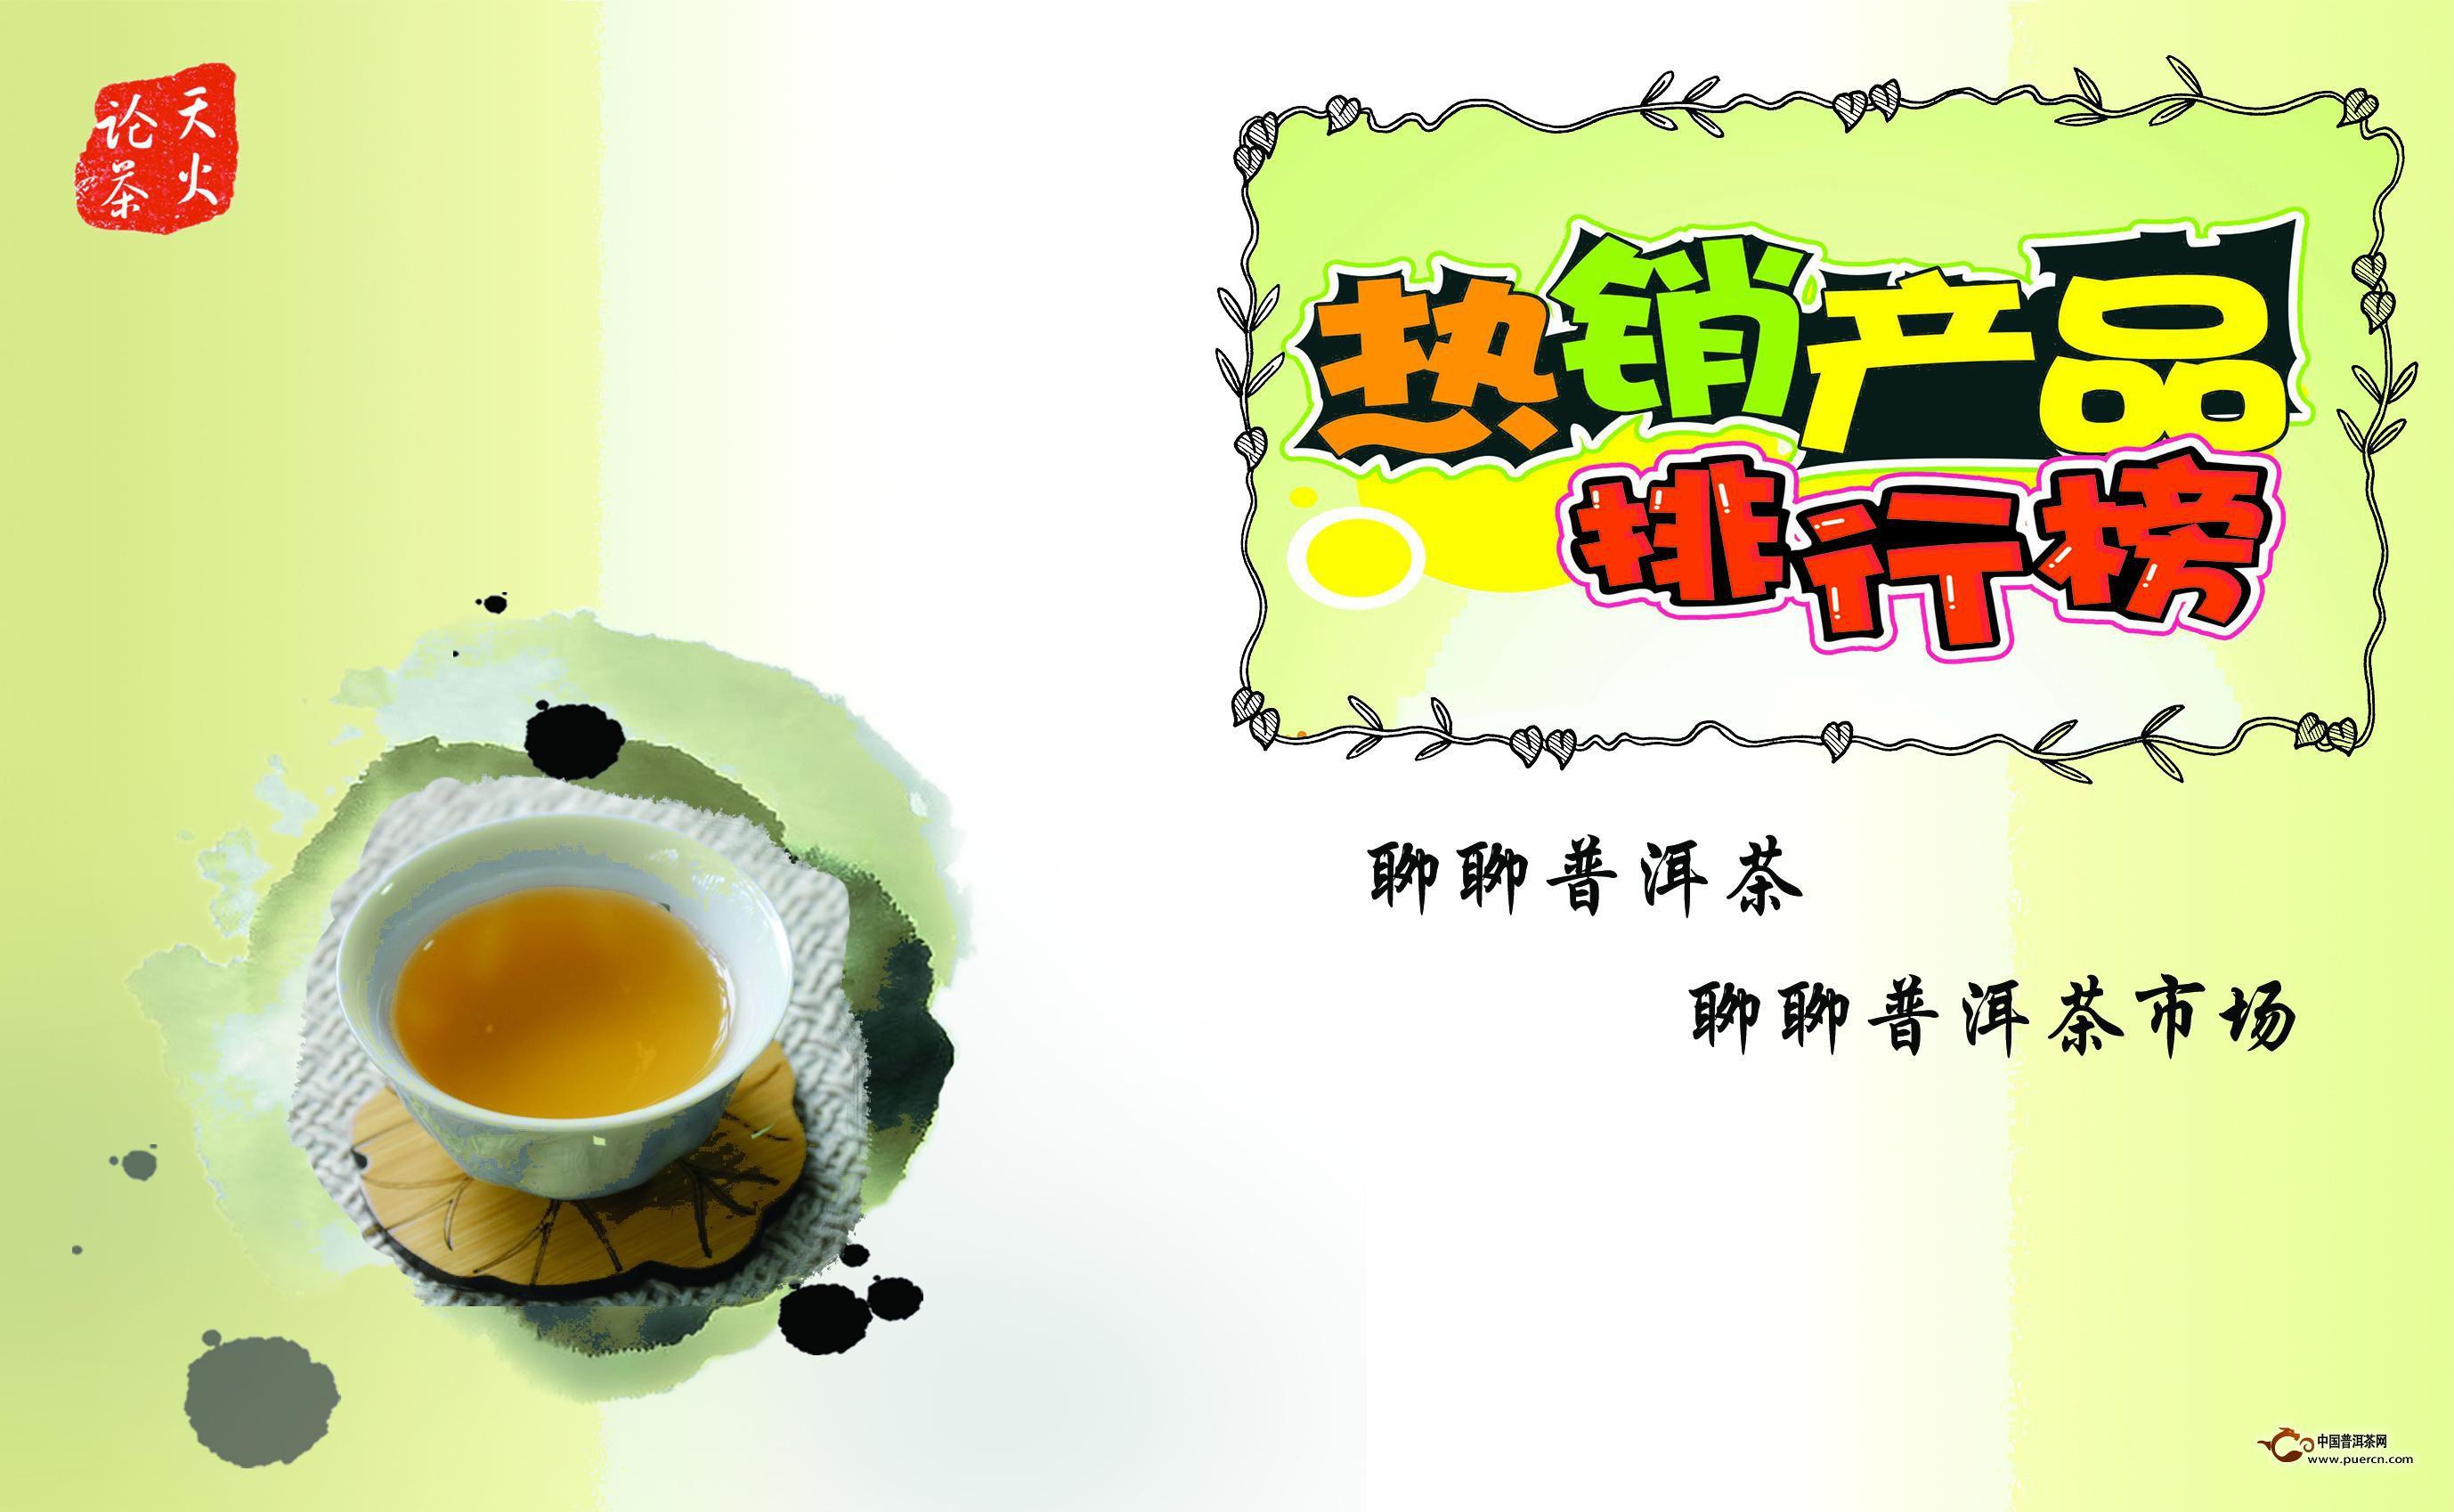 普洱茶消费市场排行榜(12月1日-12月31日)